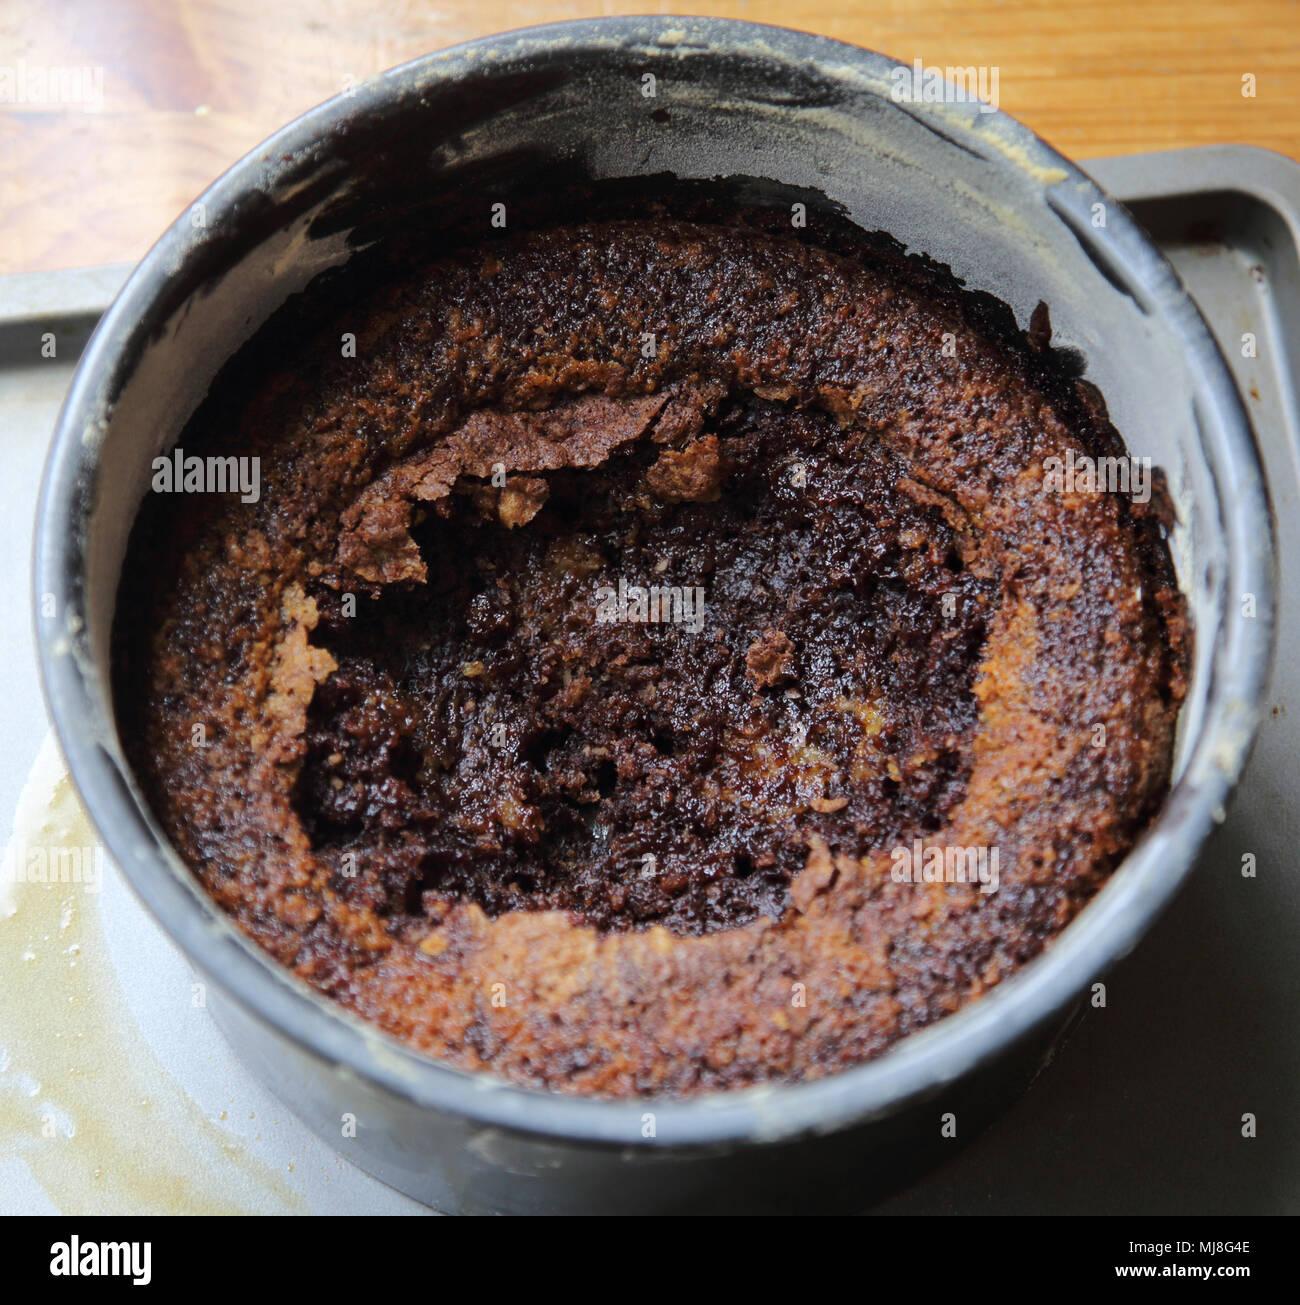 Ruined Sunken Chocolate Cake - Stock Image